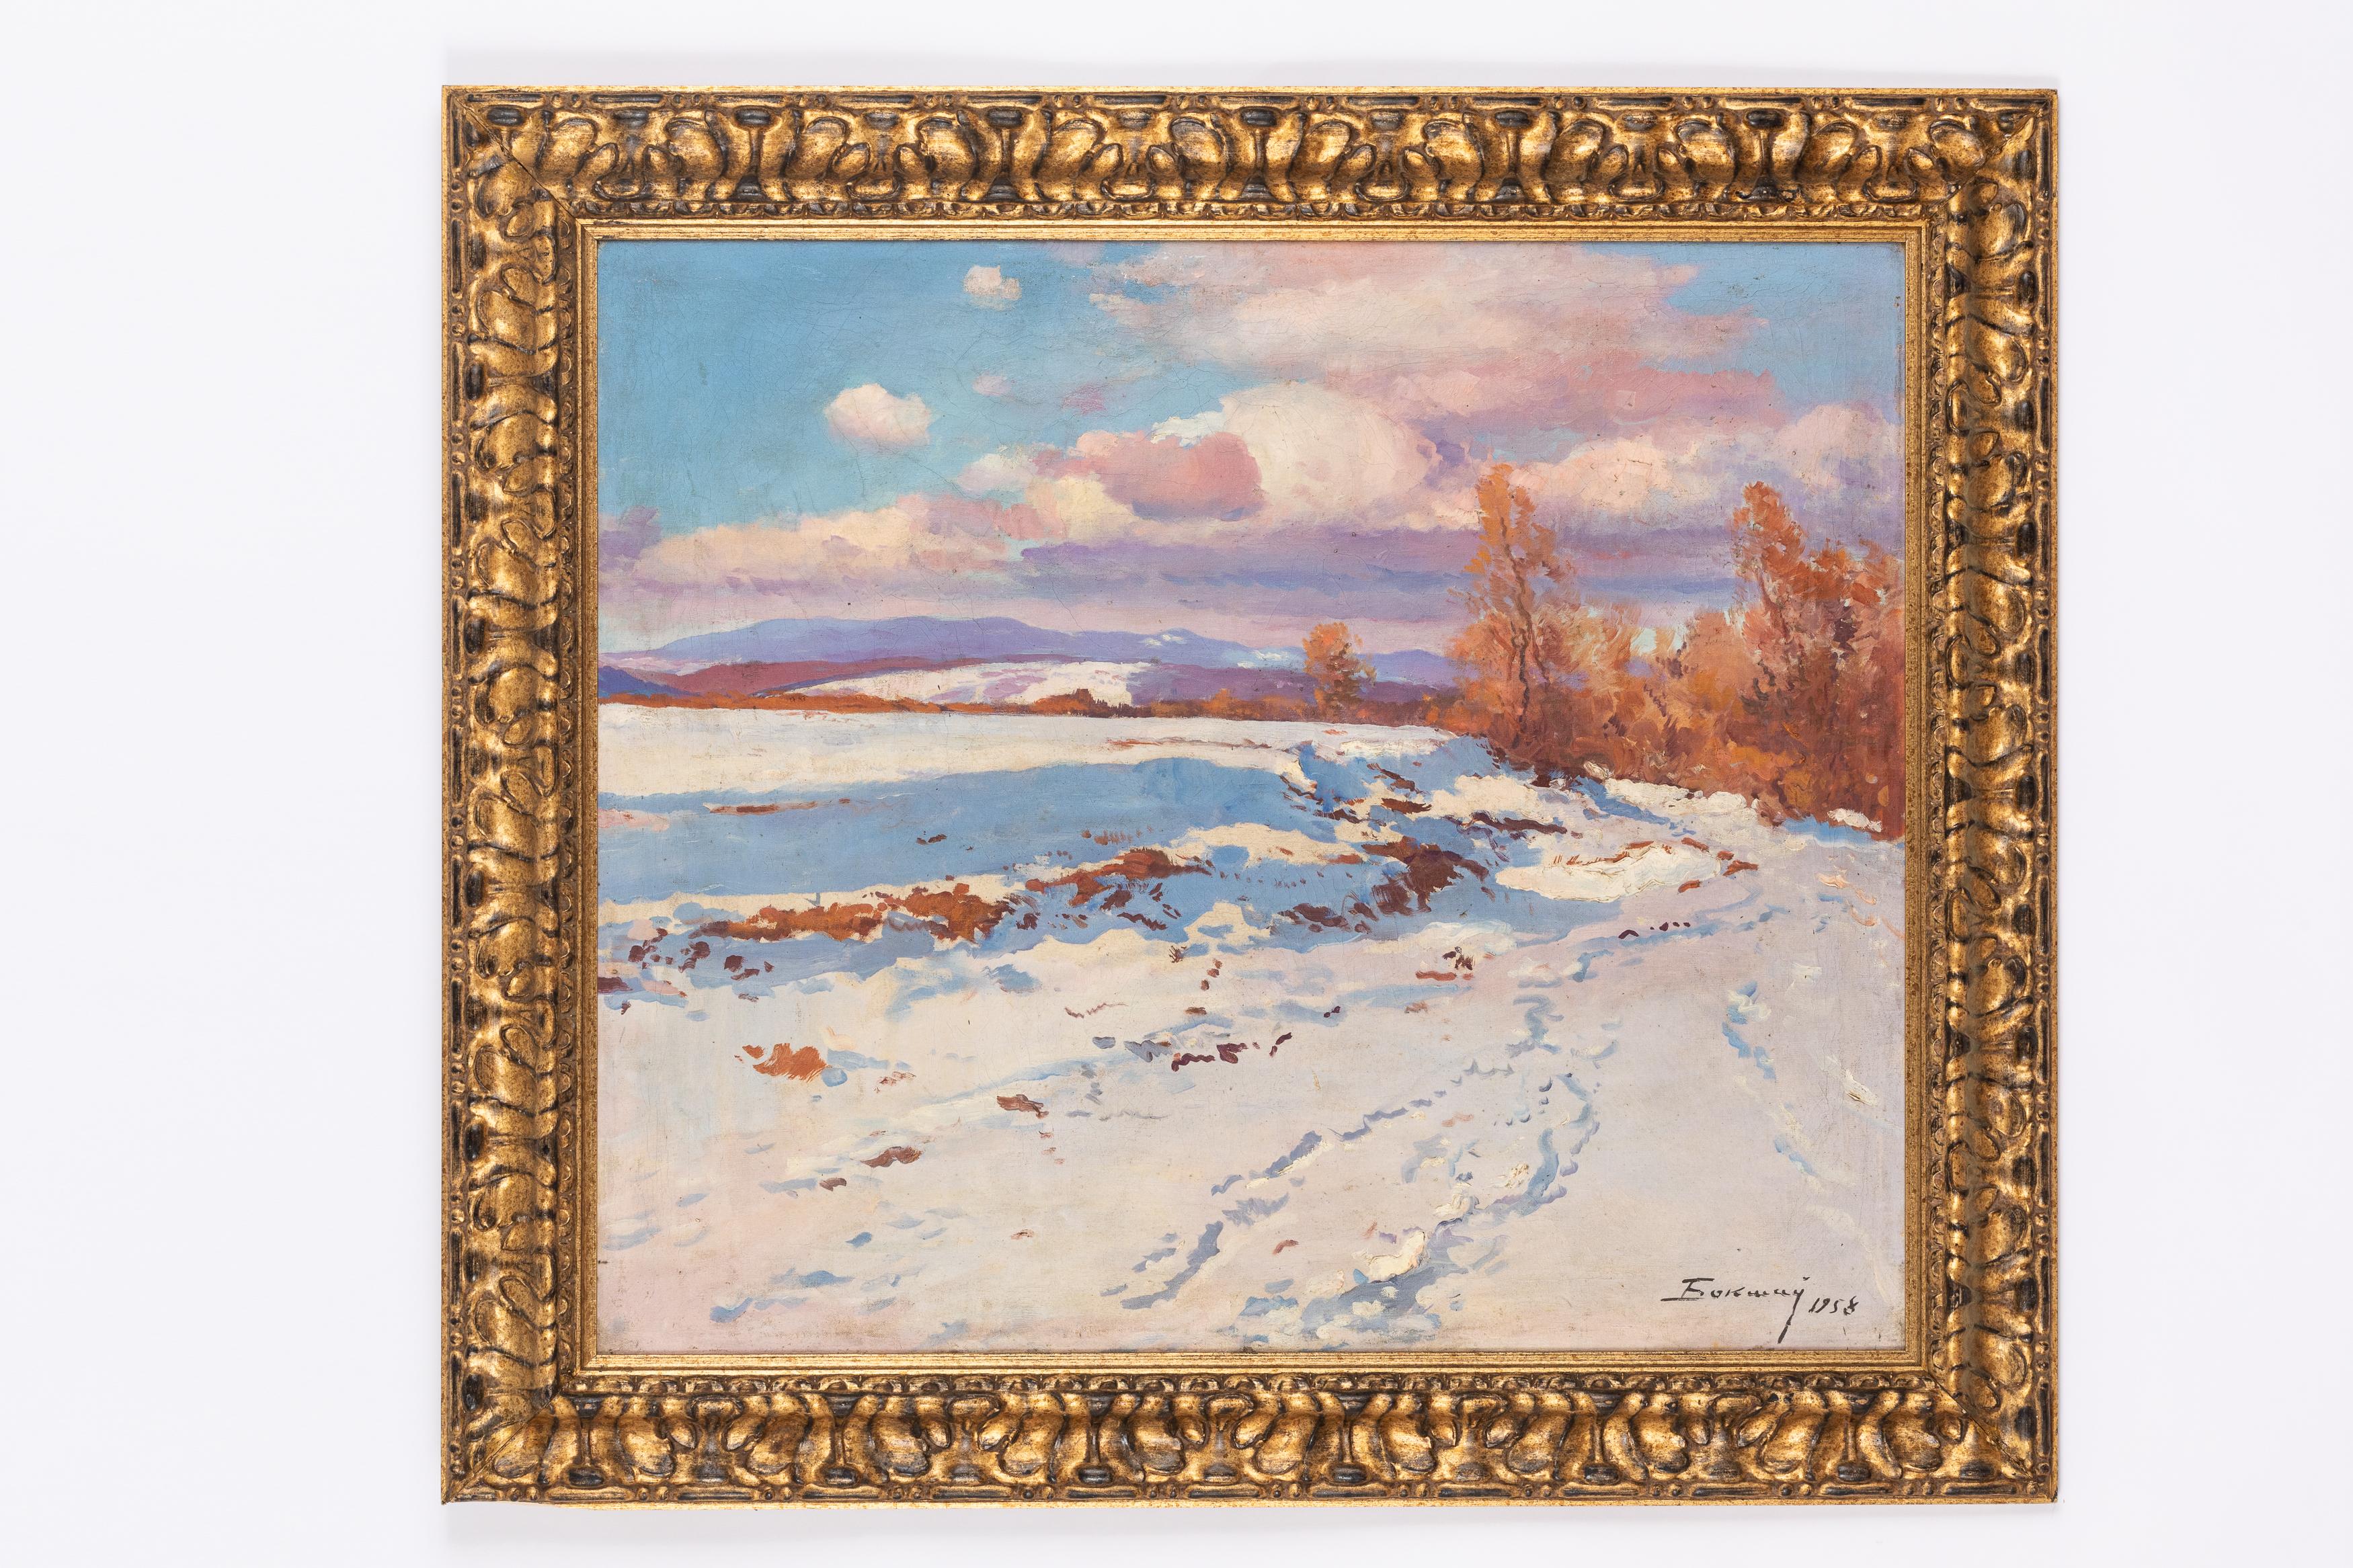 Vente Web – Only : Peintures du Réalisme Soviétique chez Wannenes Art Auctions : 129 lots